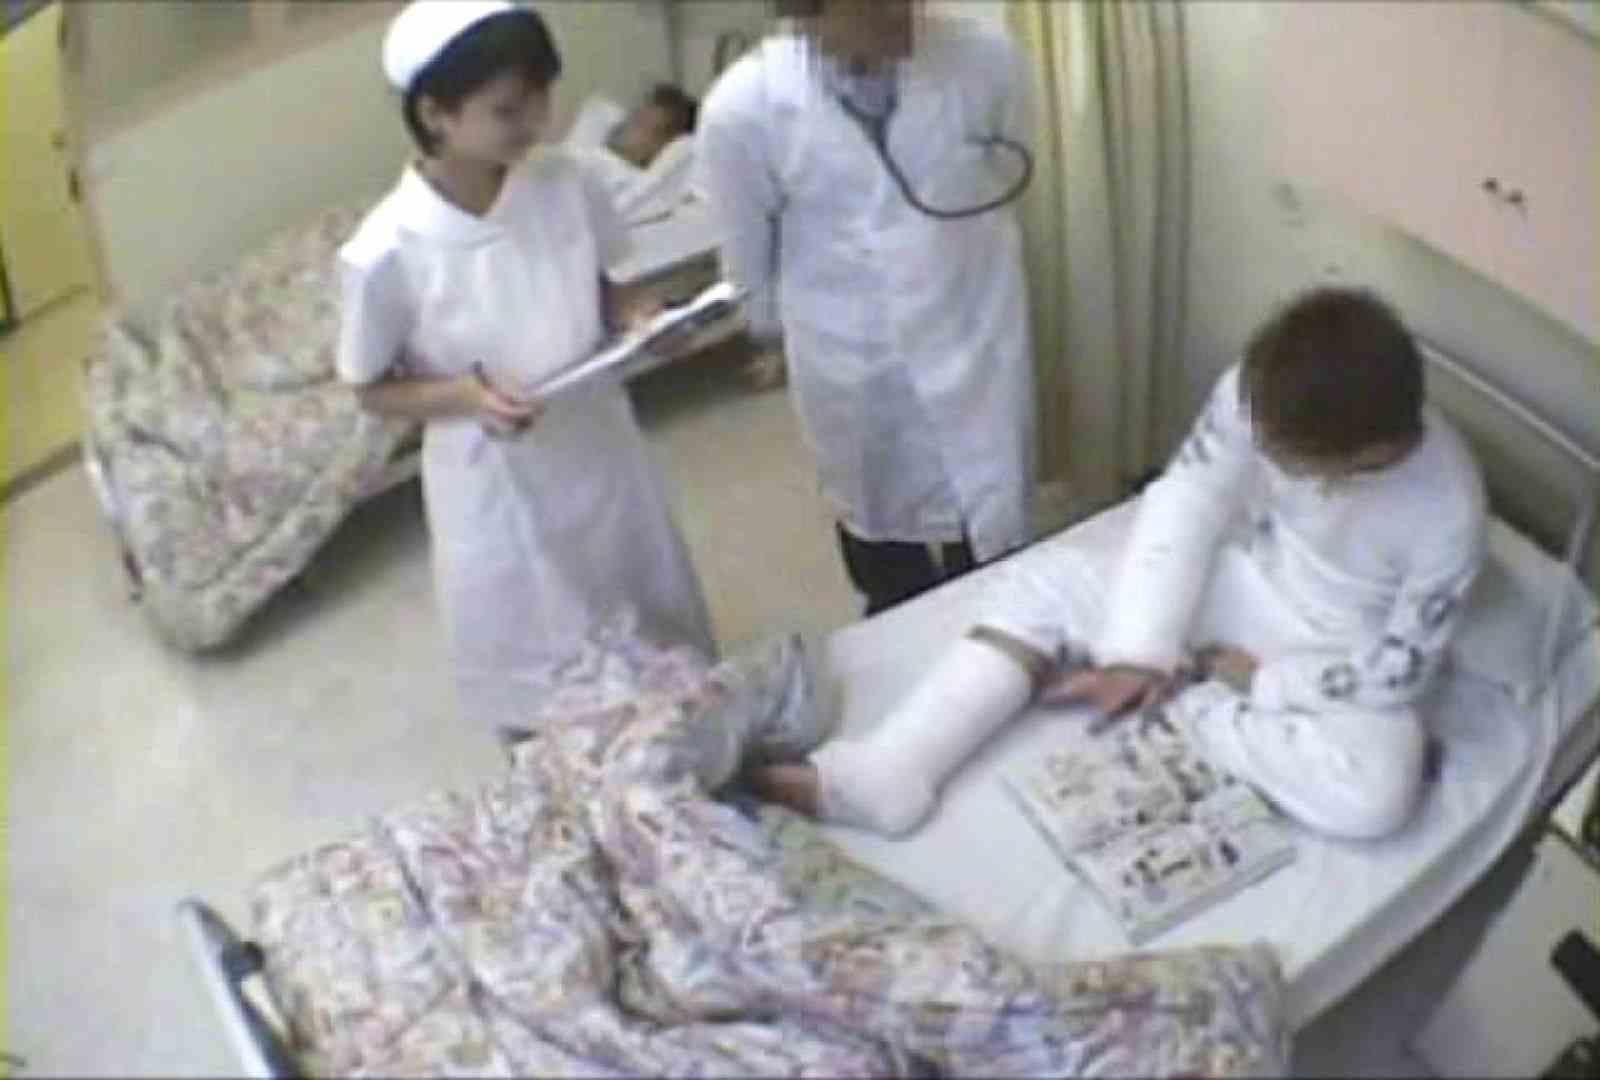 絶対に逝ってはいけない寸止め病棟Vol.6 ギャルエロ画像  28PICs 18